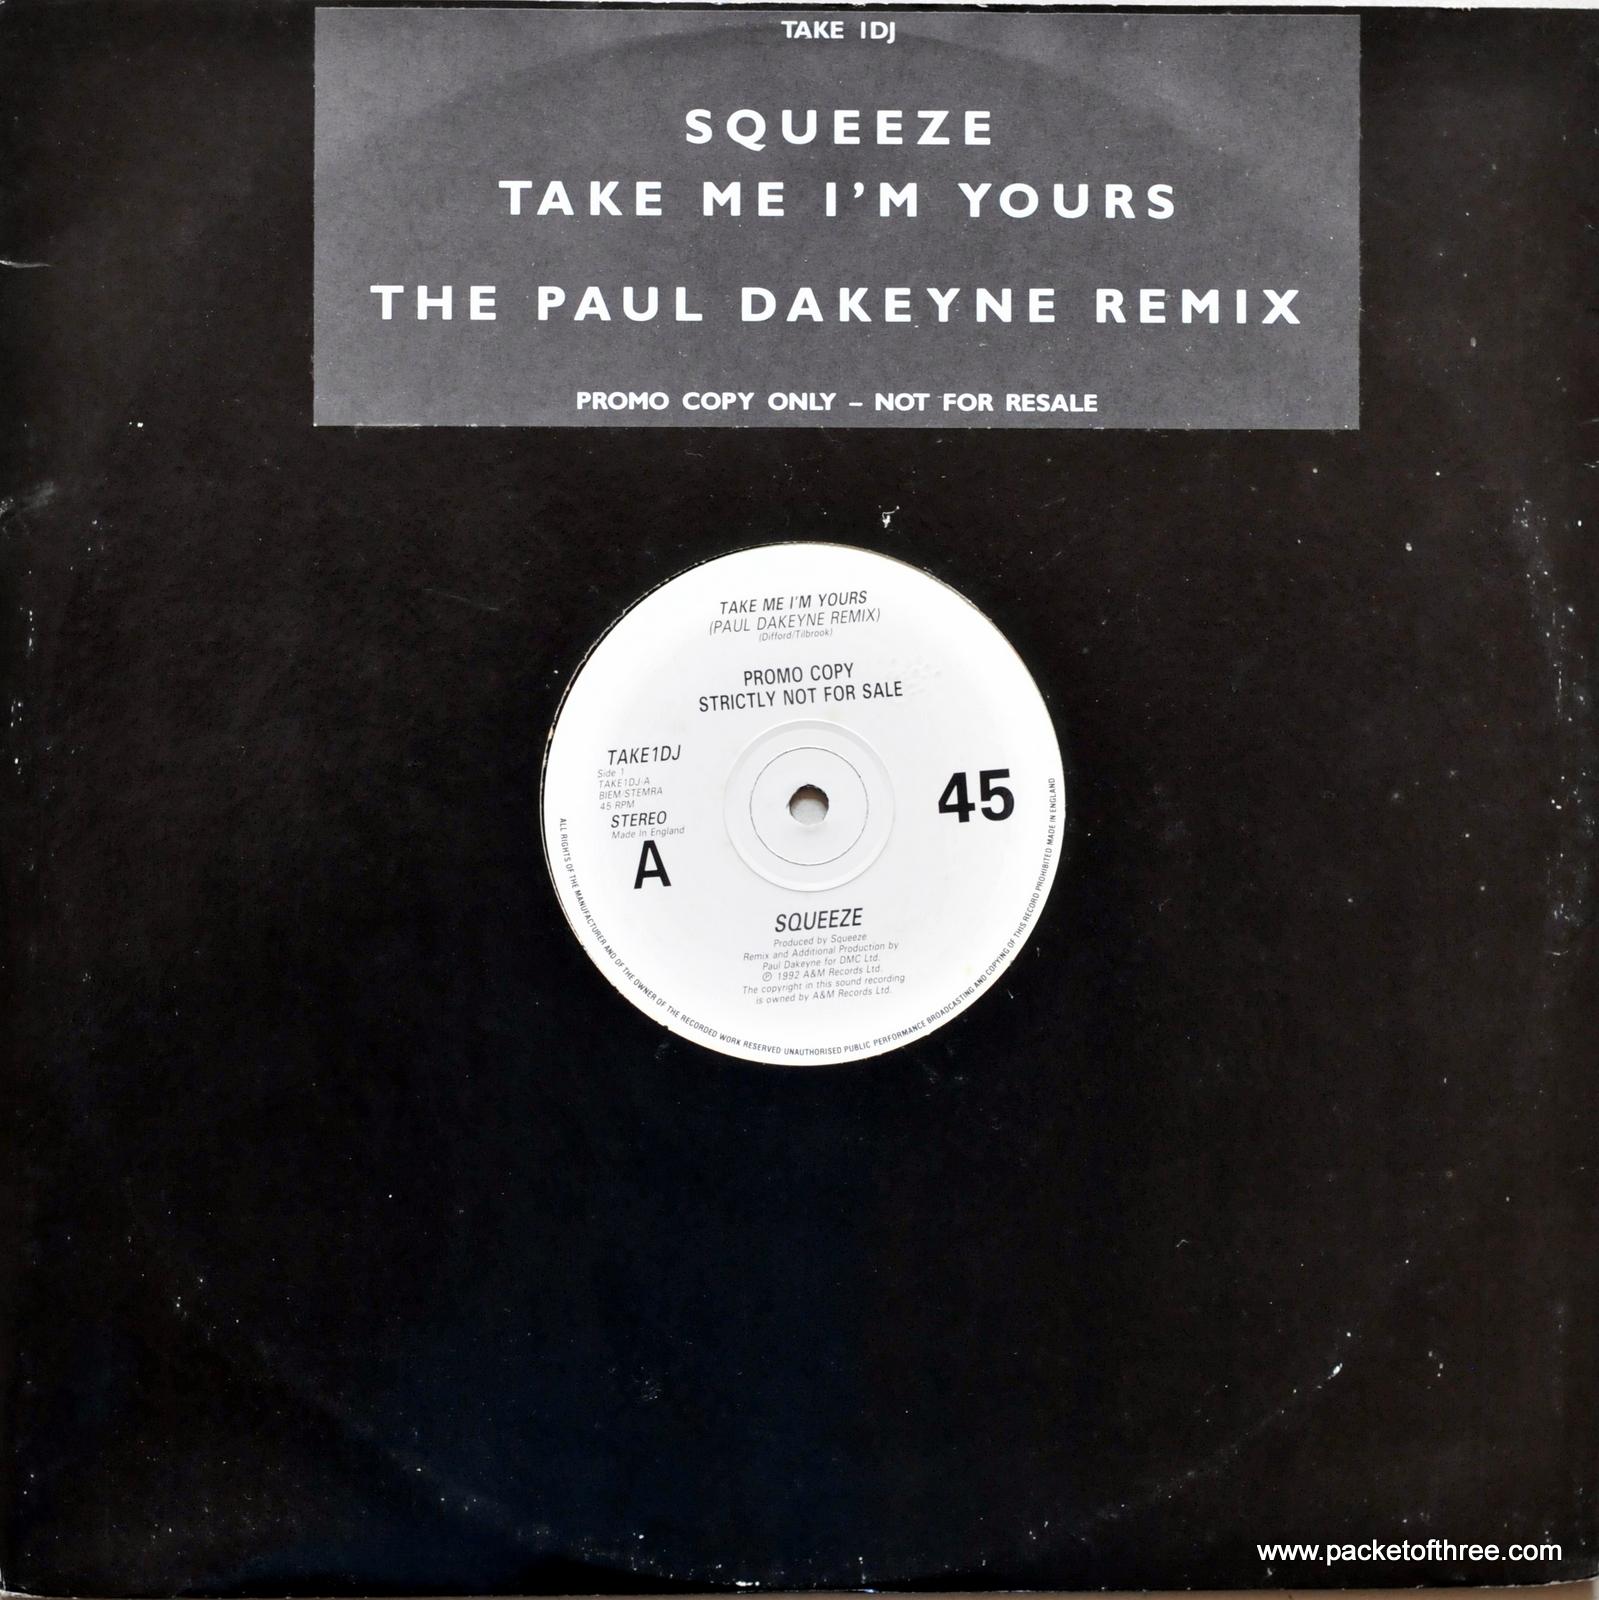 """Take Me I'm Yours - UK - 12"""" Dakeyne Promo Remix"""